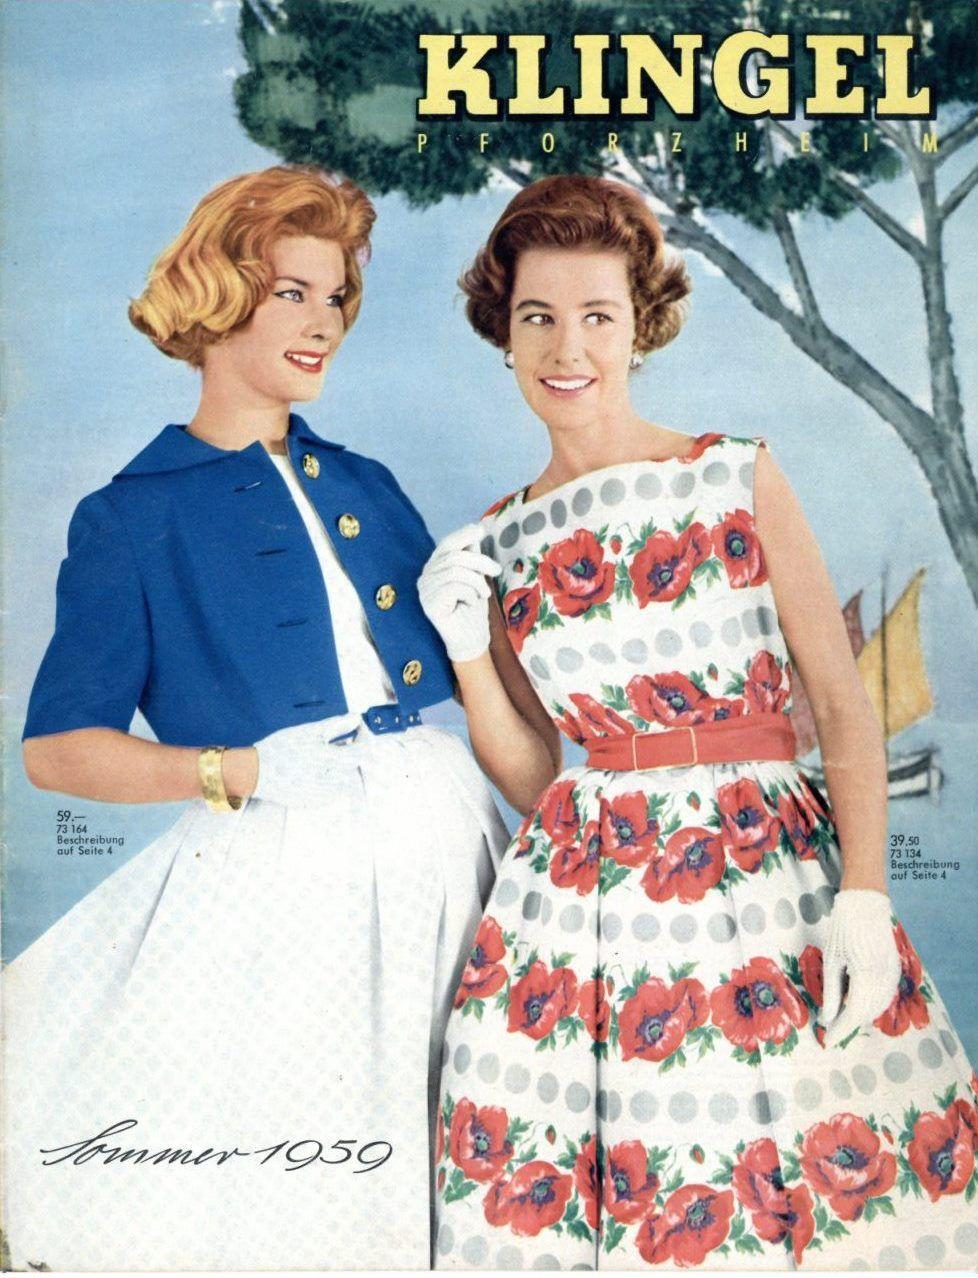 wie die mode 1959 aussah unser klingel katalog von damals. Black Bedroom Furniture Sets. Home Design Ideas